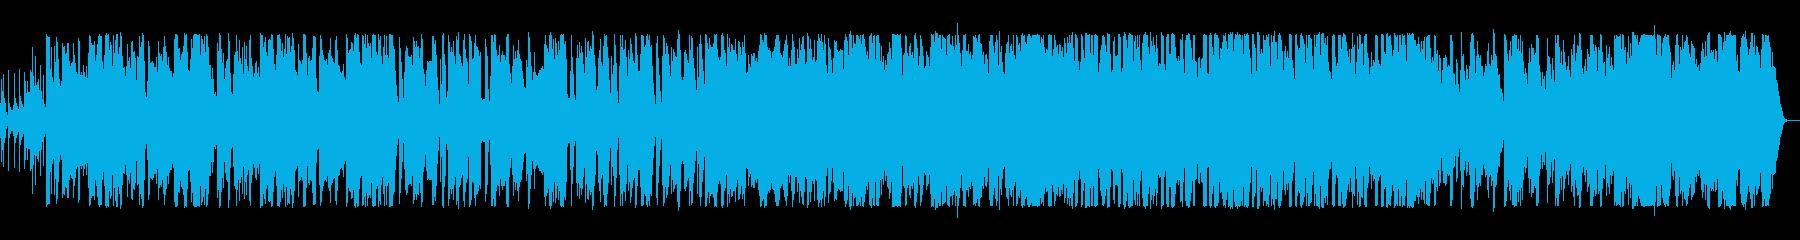 オシャレでかっこいいブラスサウンドの再生済みの波形